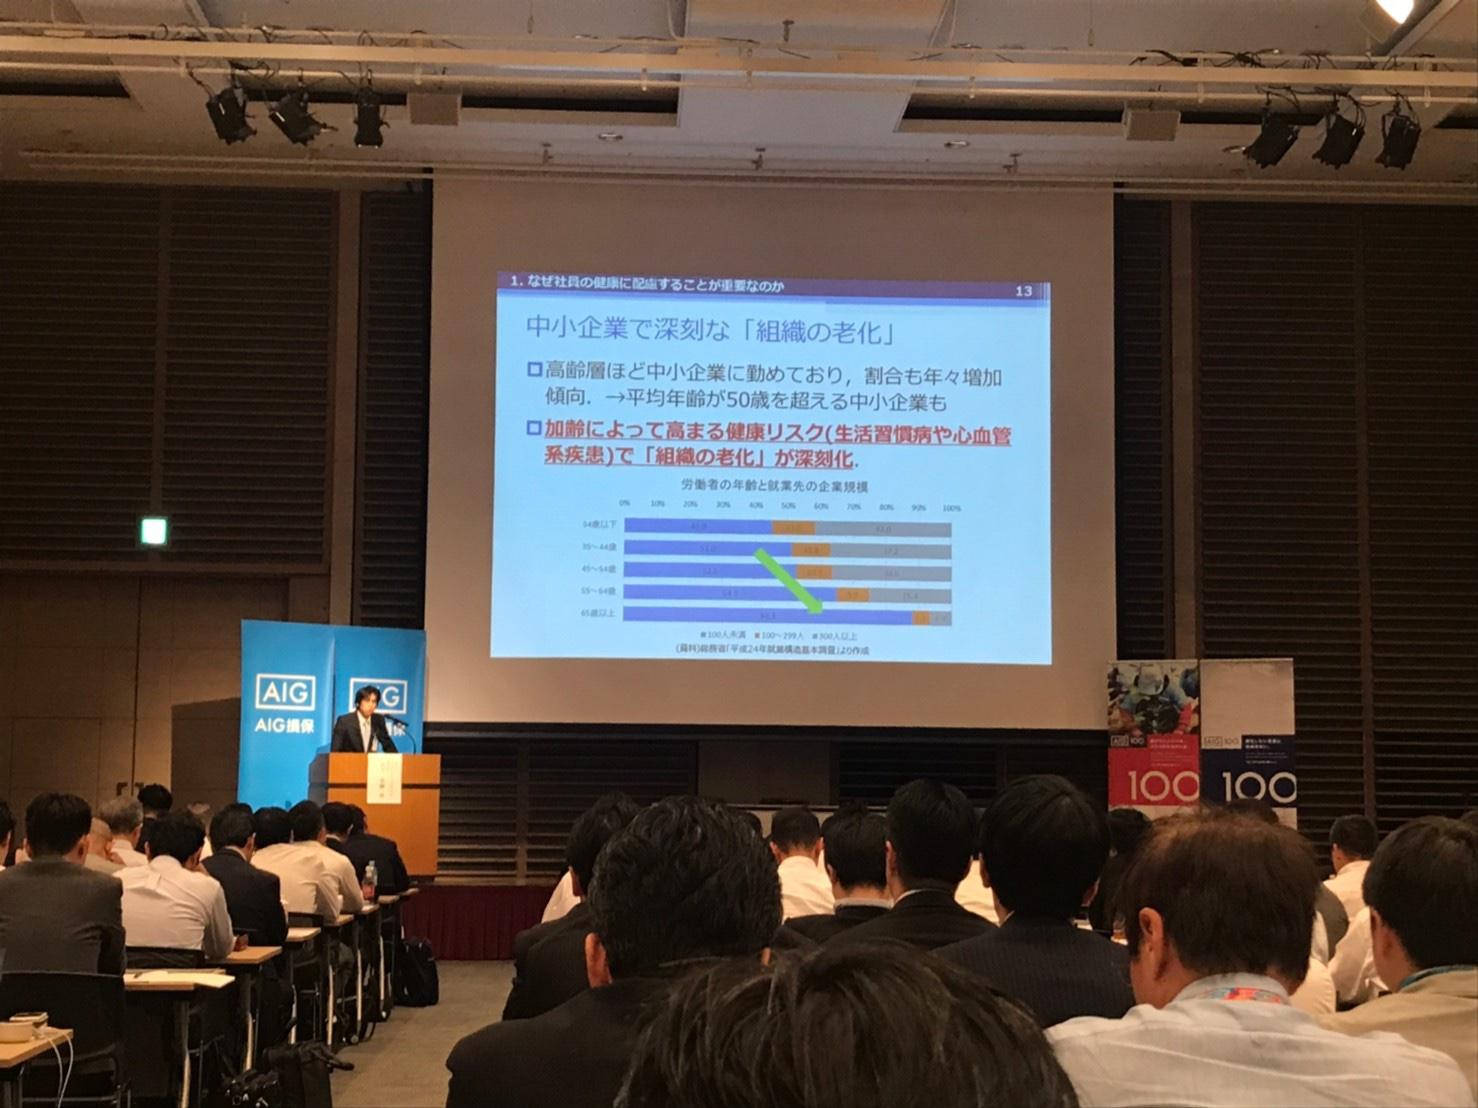 木下研究員が2019年度第 2 回 AIG 関西オープンセミナーにて研究報告